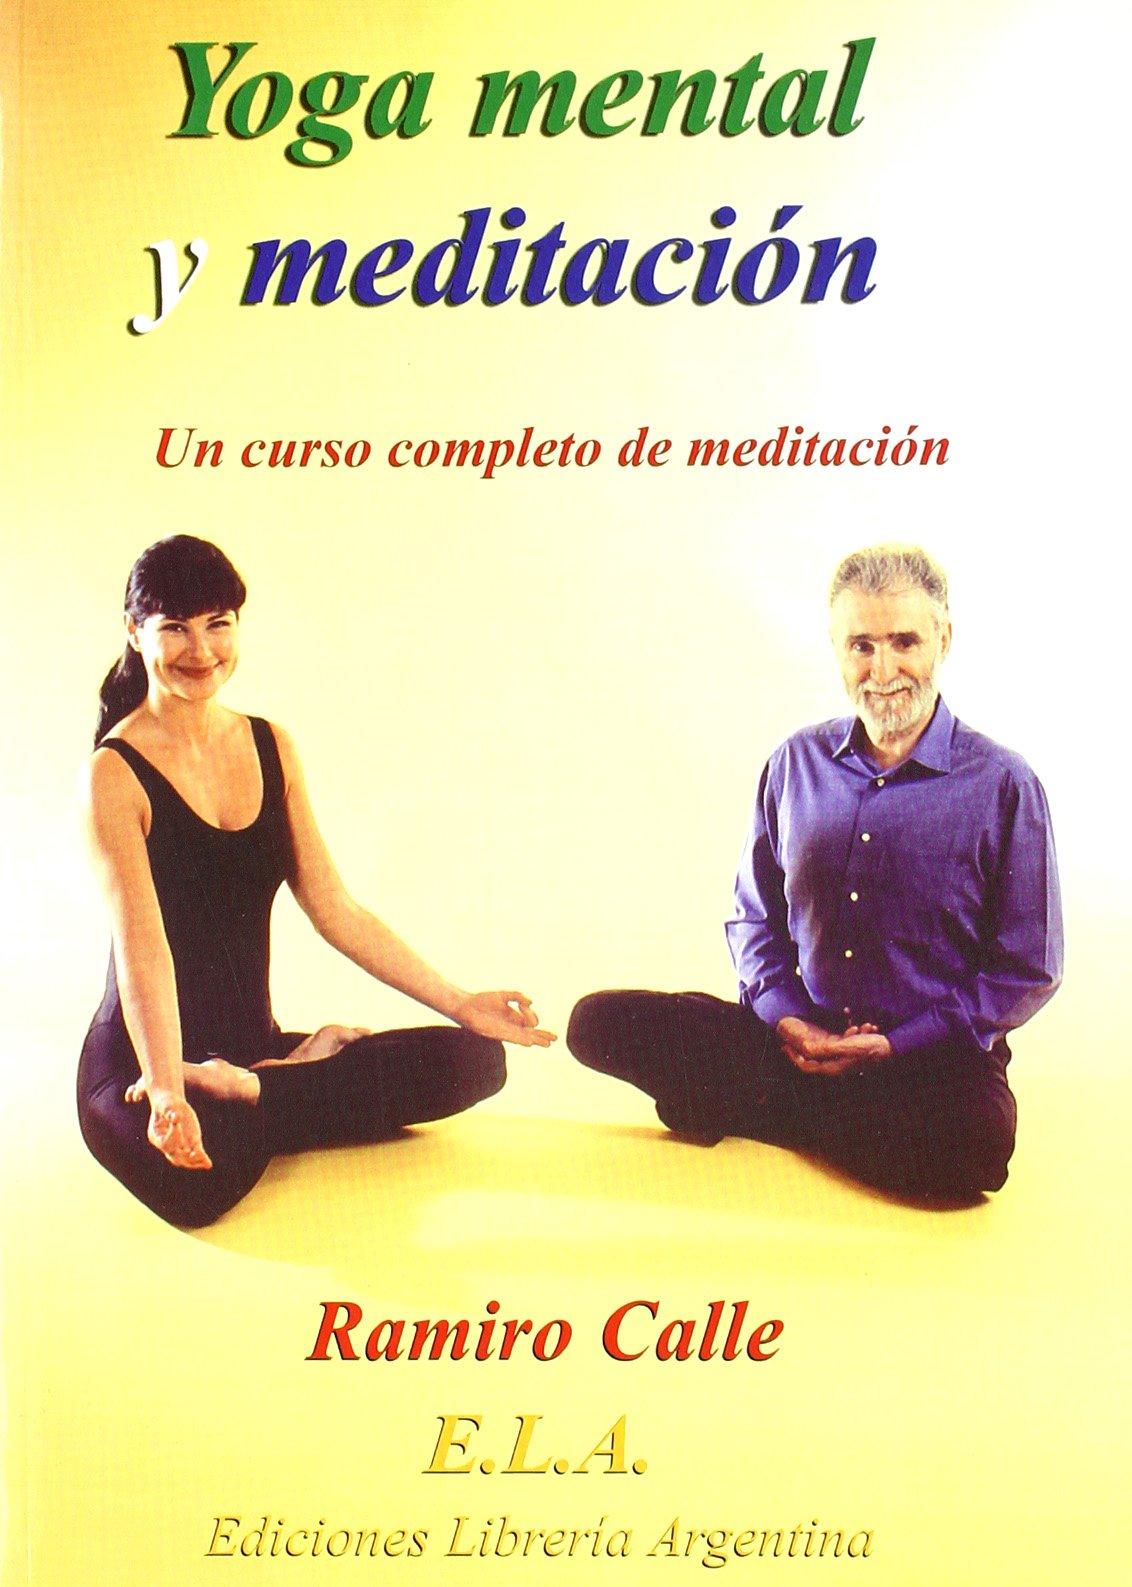 Amazon.com: Yoga mental y meditación (9788485895243): Ramiro ...